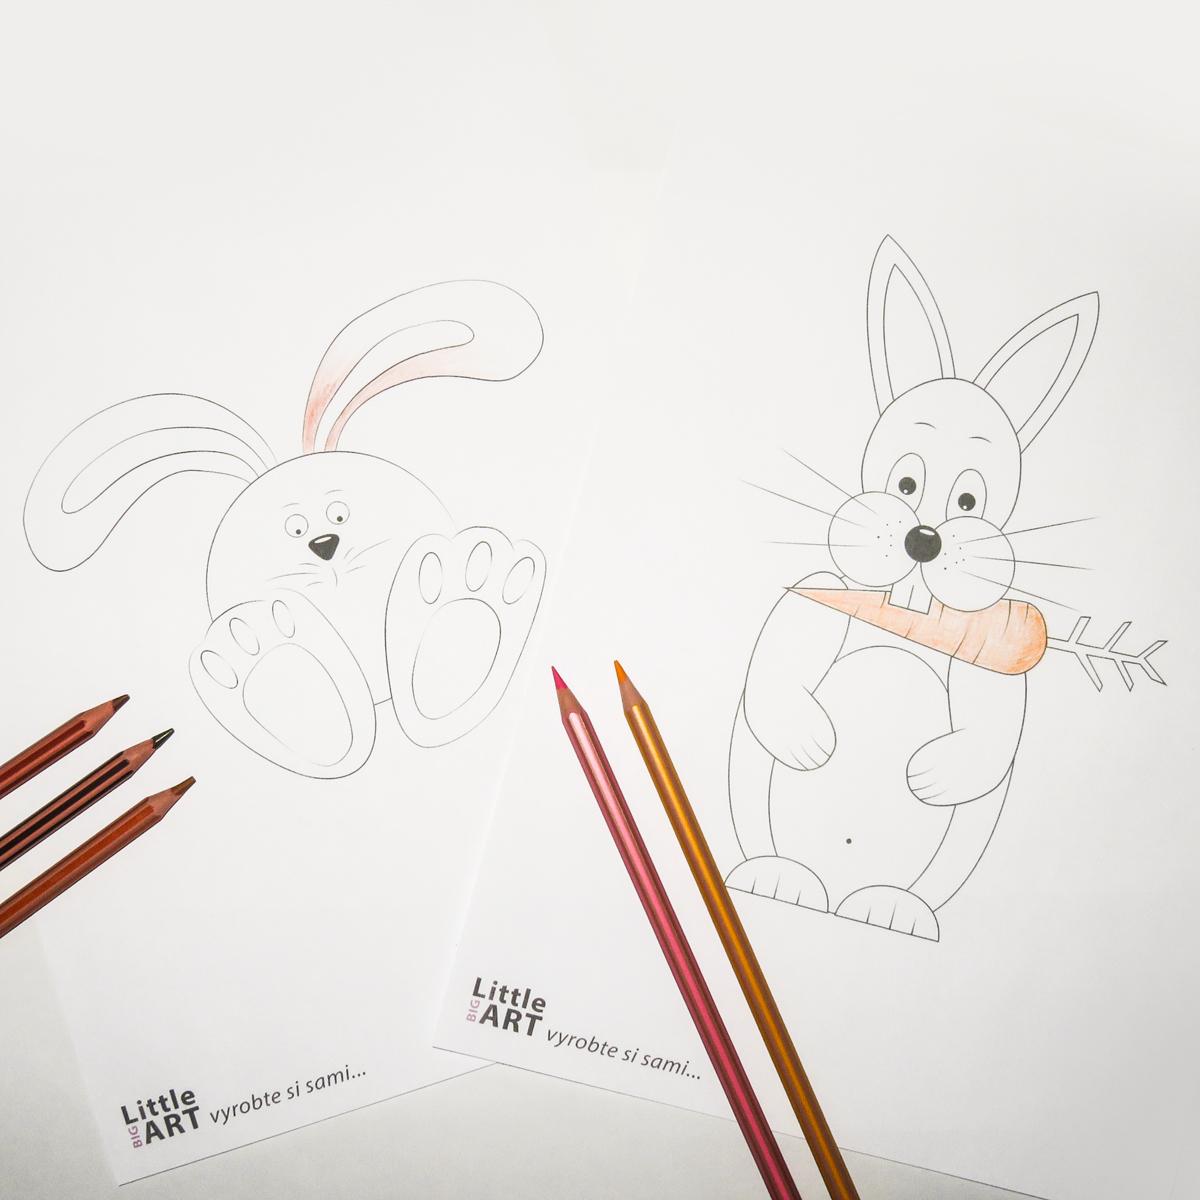 Omalovánky - Velikonoční zajíc - Little BIG ART - Vyrobte si sami